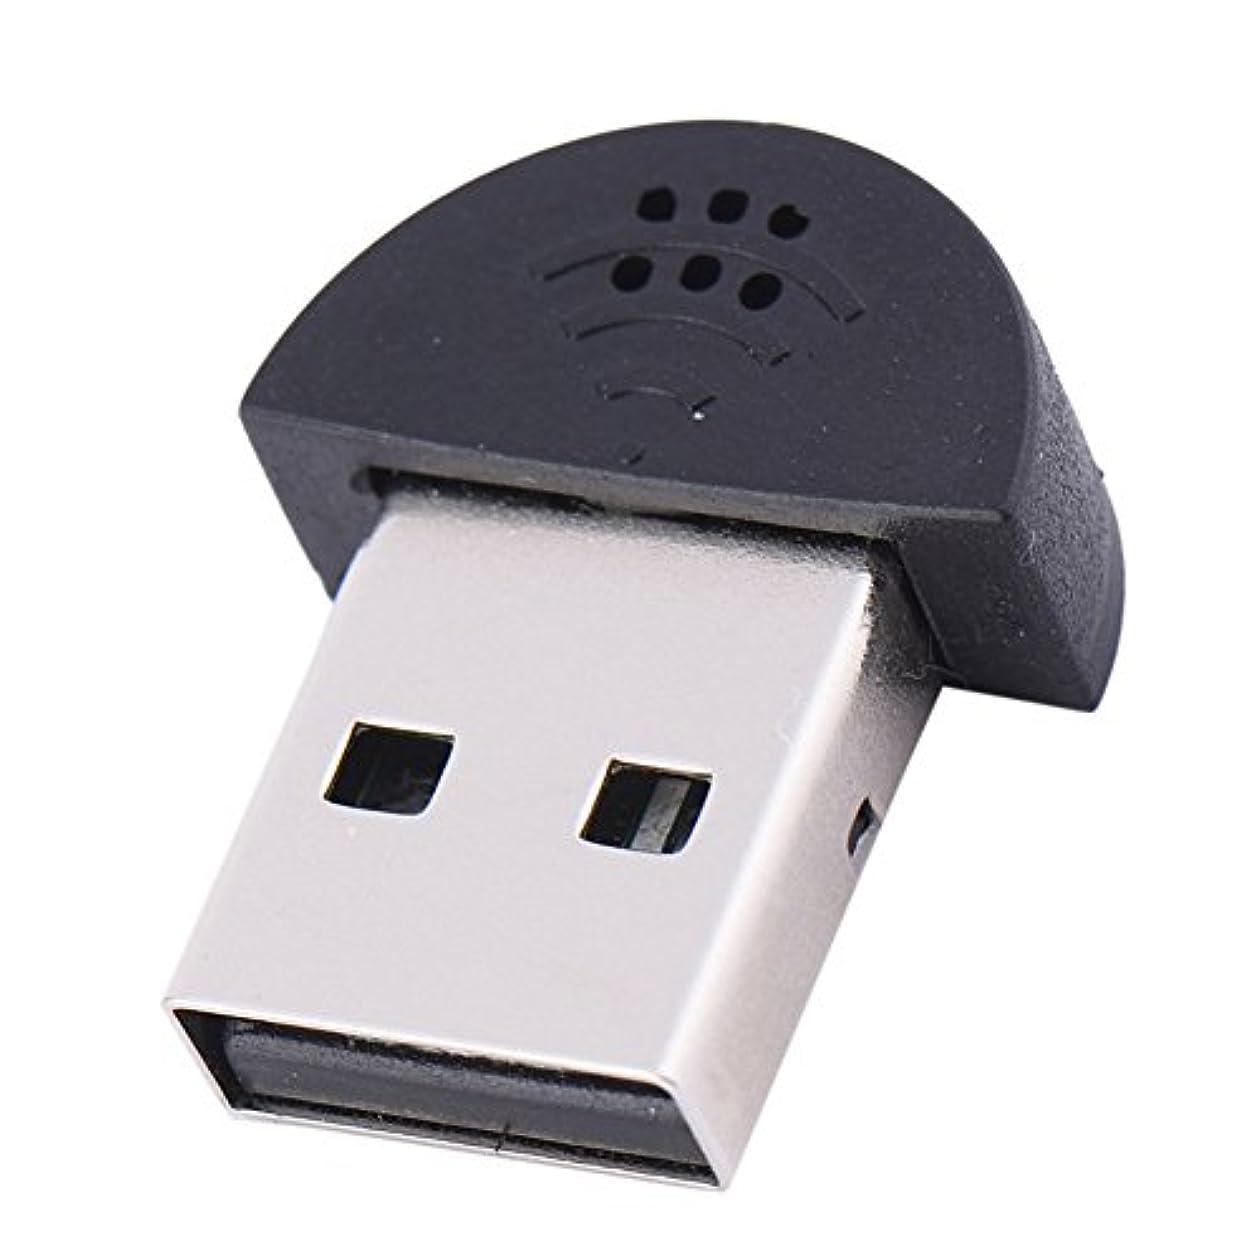 がんばり続けるチャレンジスリップシューズLiebeye マイク ミニ 持ち運び ポータブル USB 2.0 音声 マイク オーディオ アダプタ ドライバ